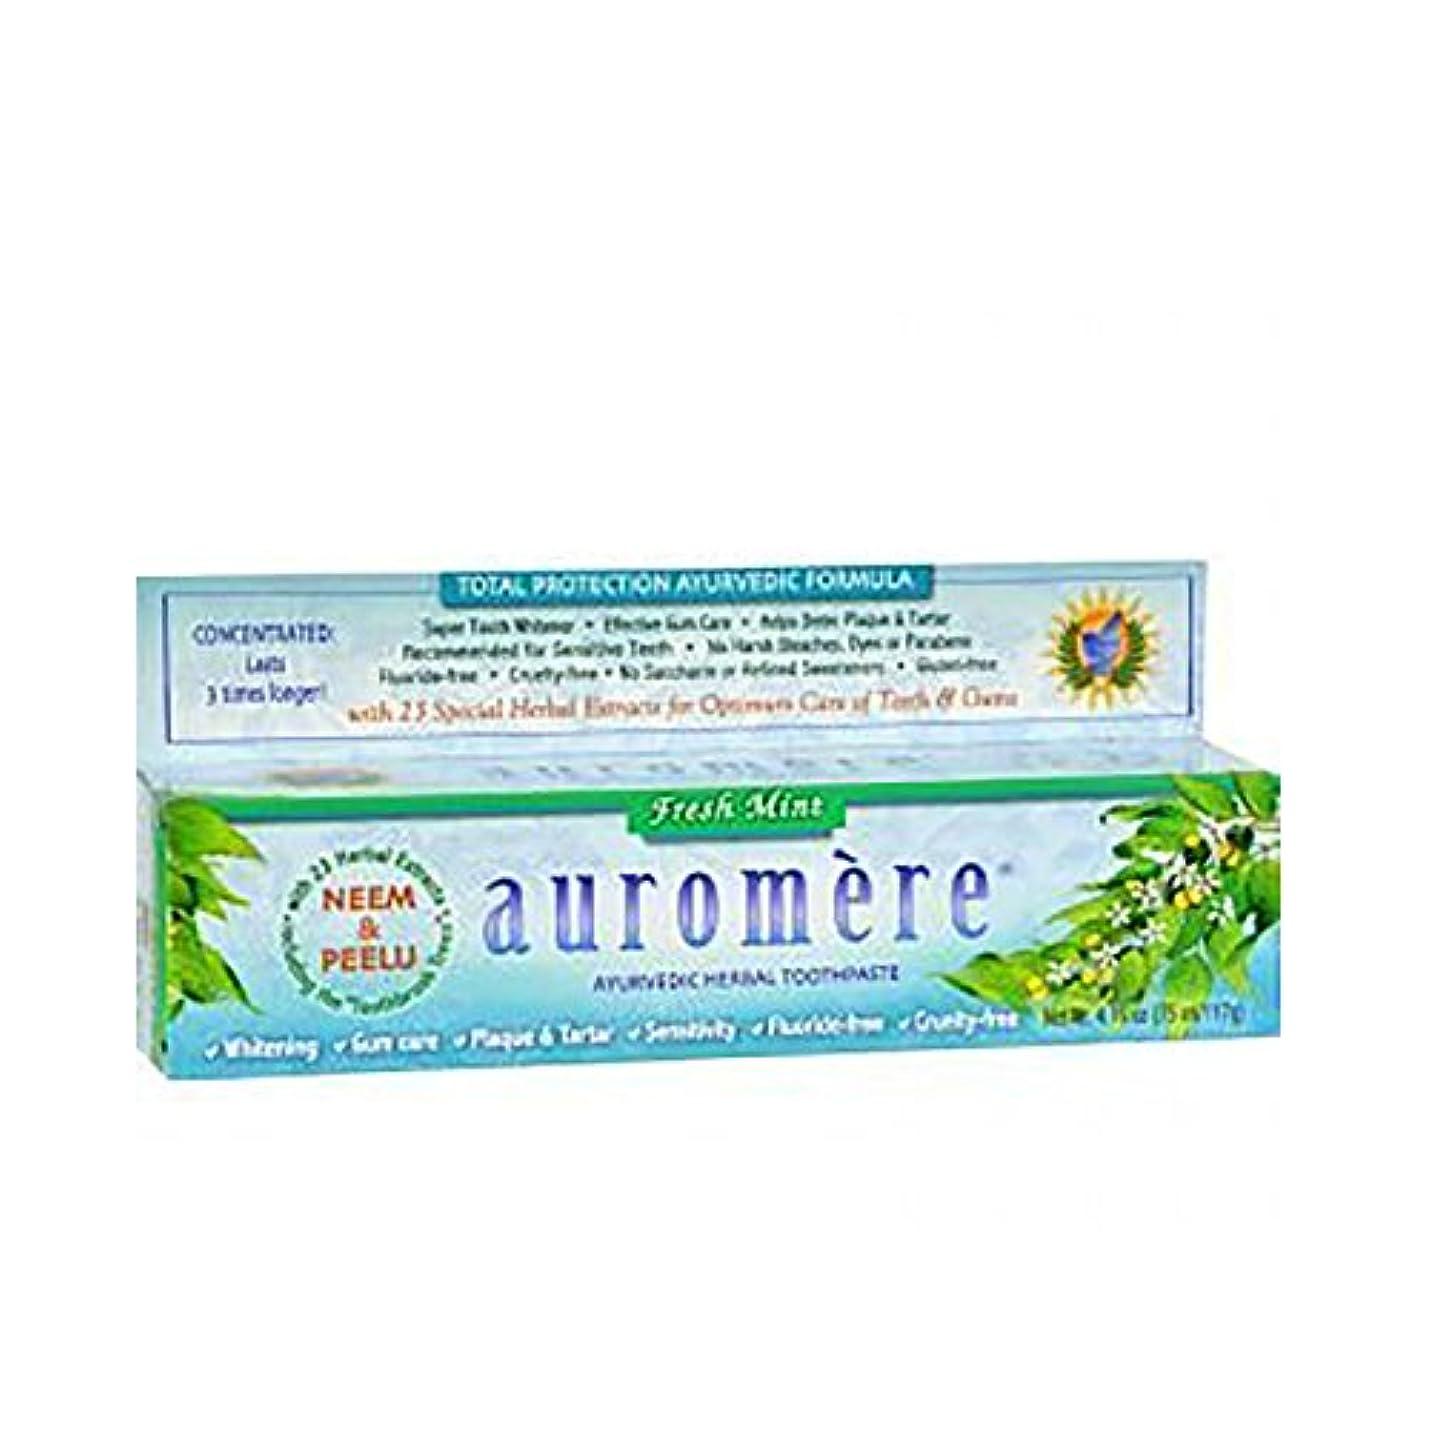 アリス政令祝福Auromere アーユルヴェーダのハーブの歯磨き粉フレッシュミントによって - 4.16オンス - ニームやビーガンと、ナチュラル、フッ化物無料